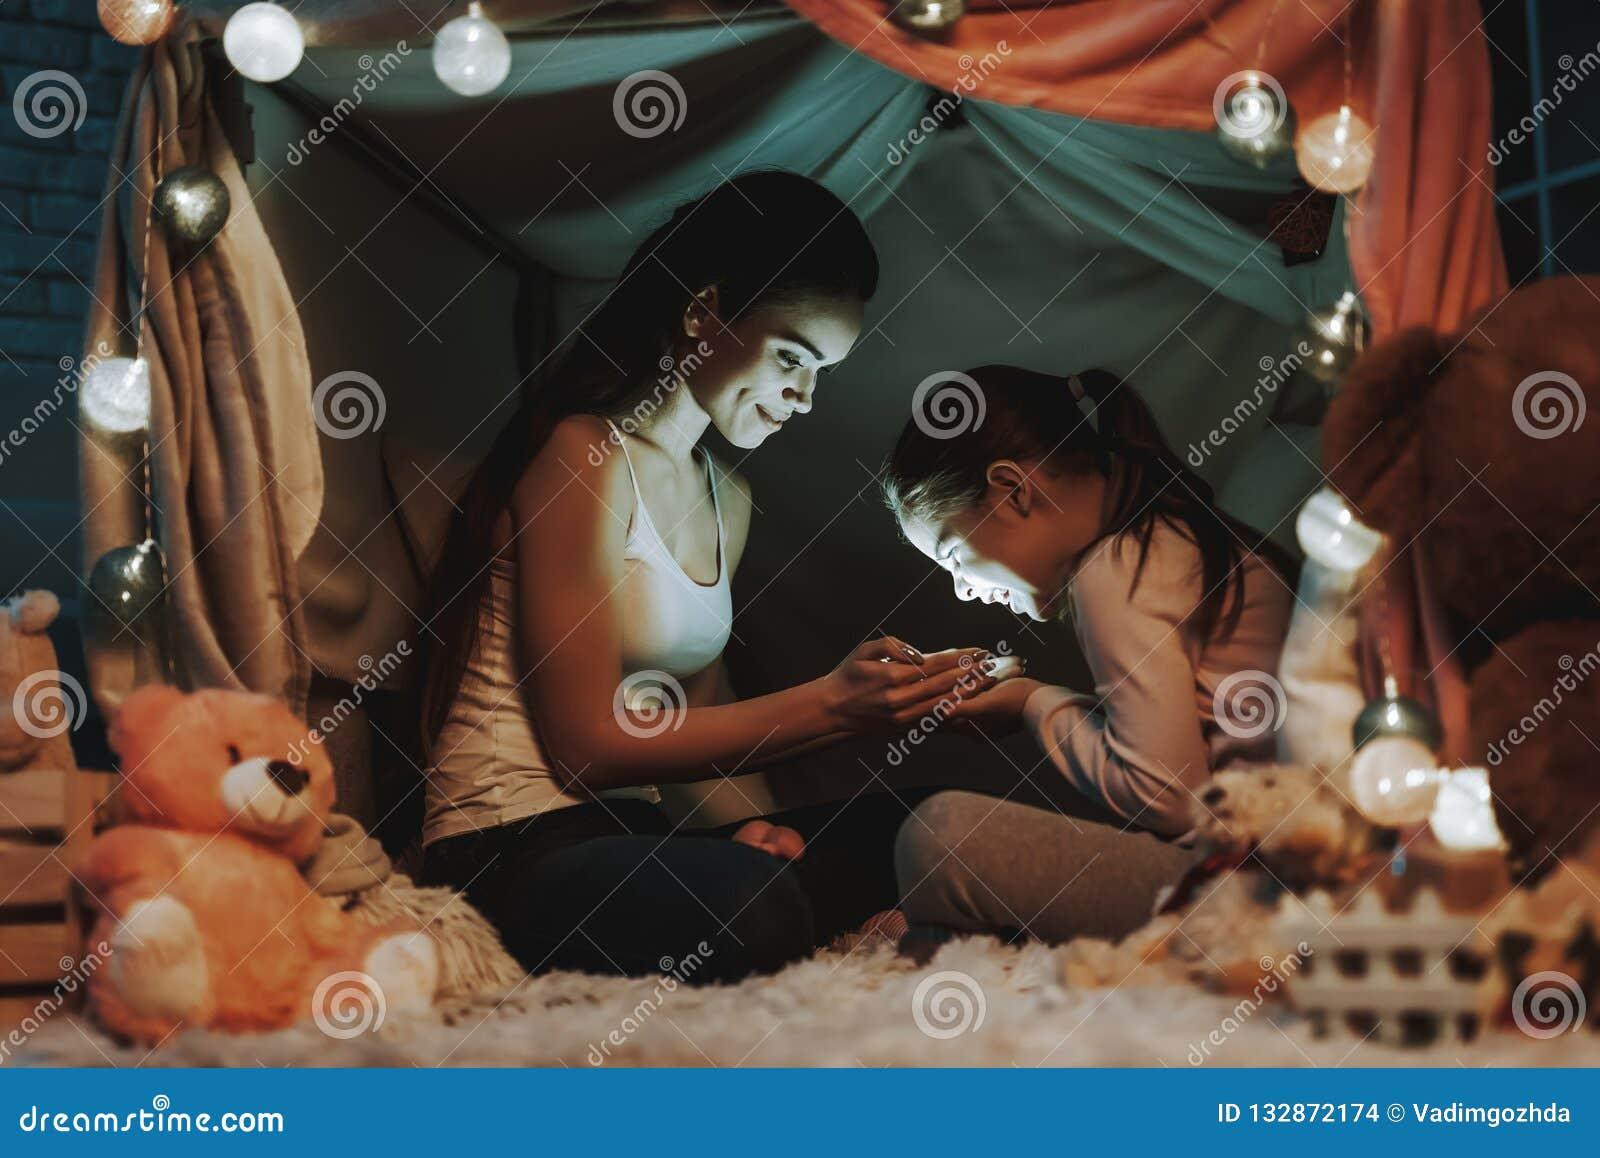 La mère et la fille tient une lumière dans des mains